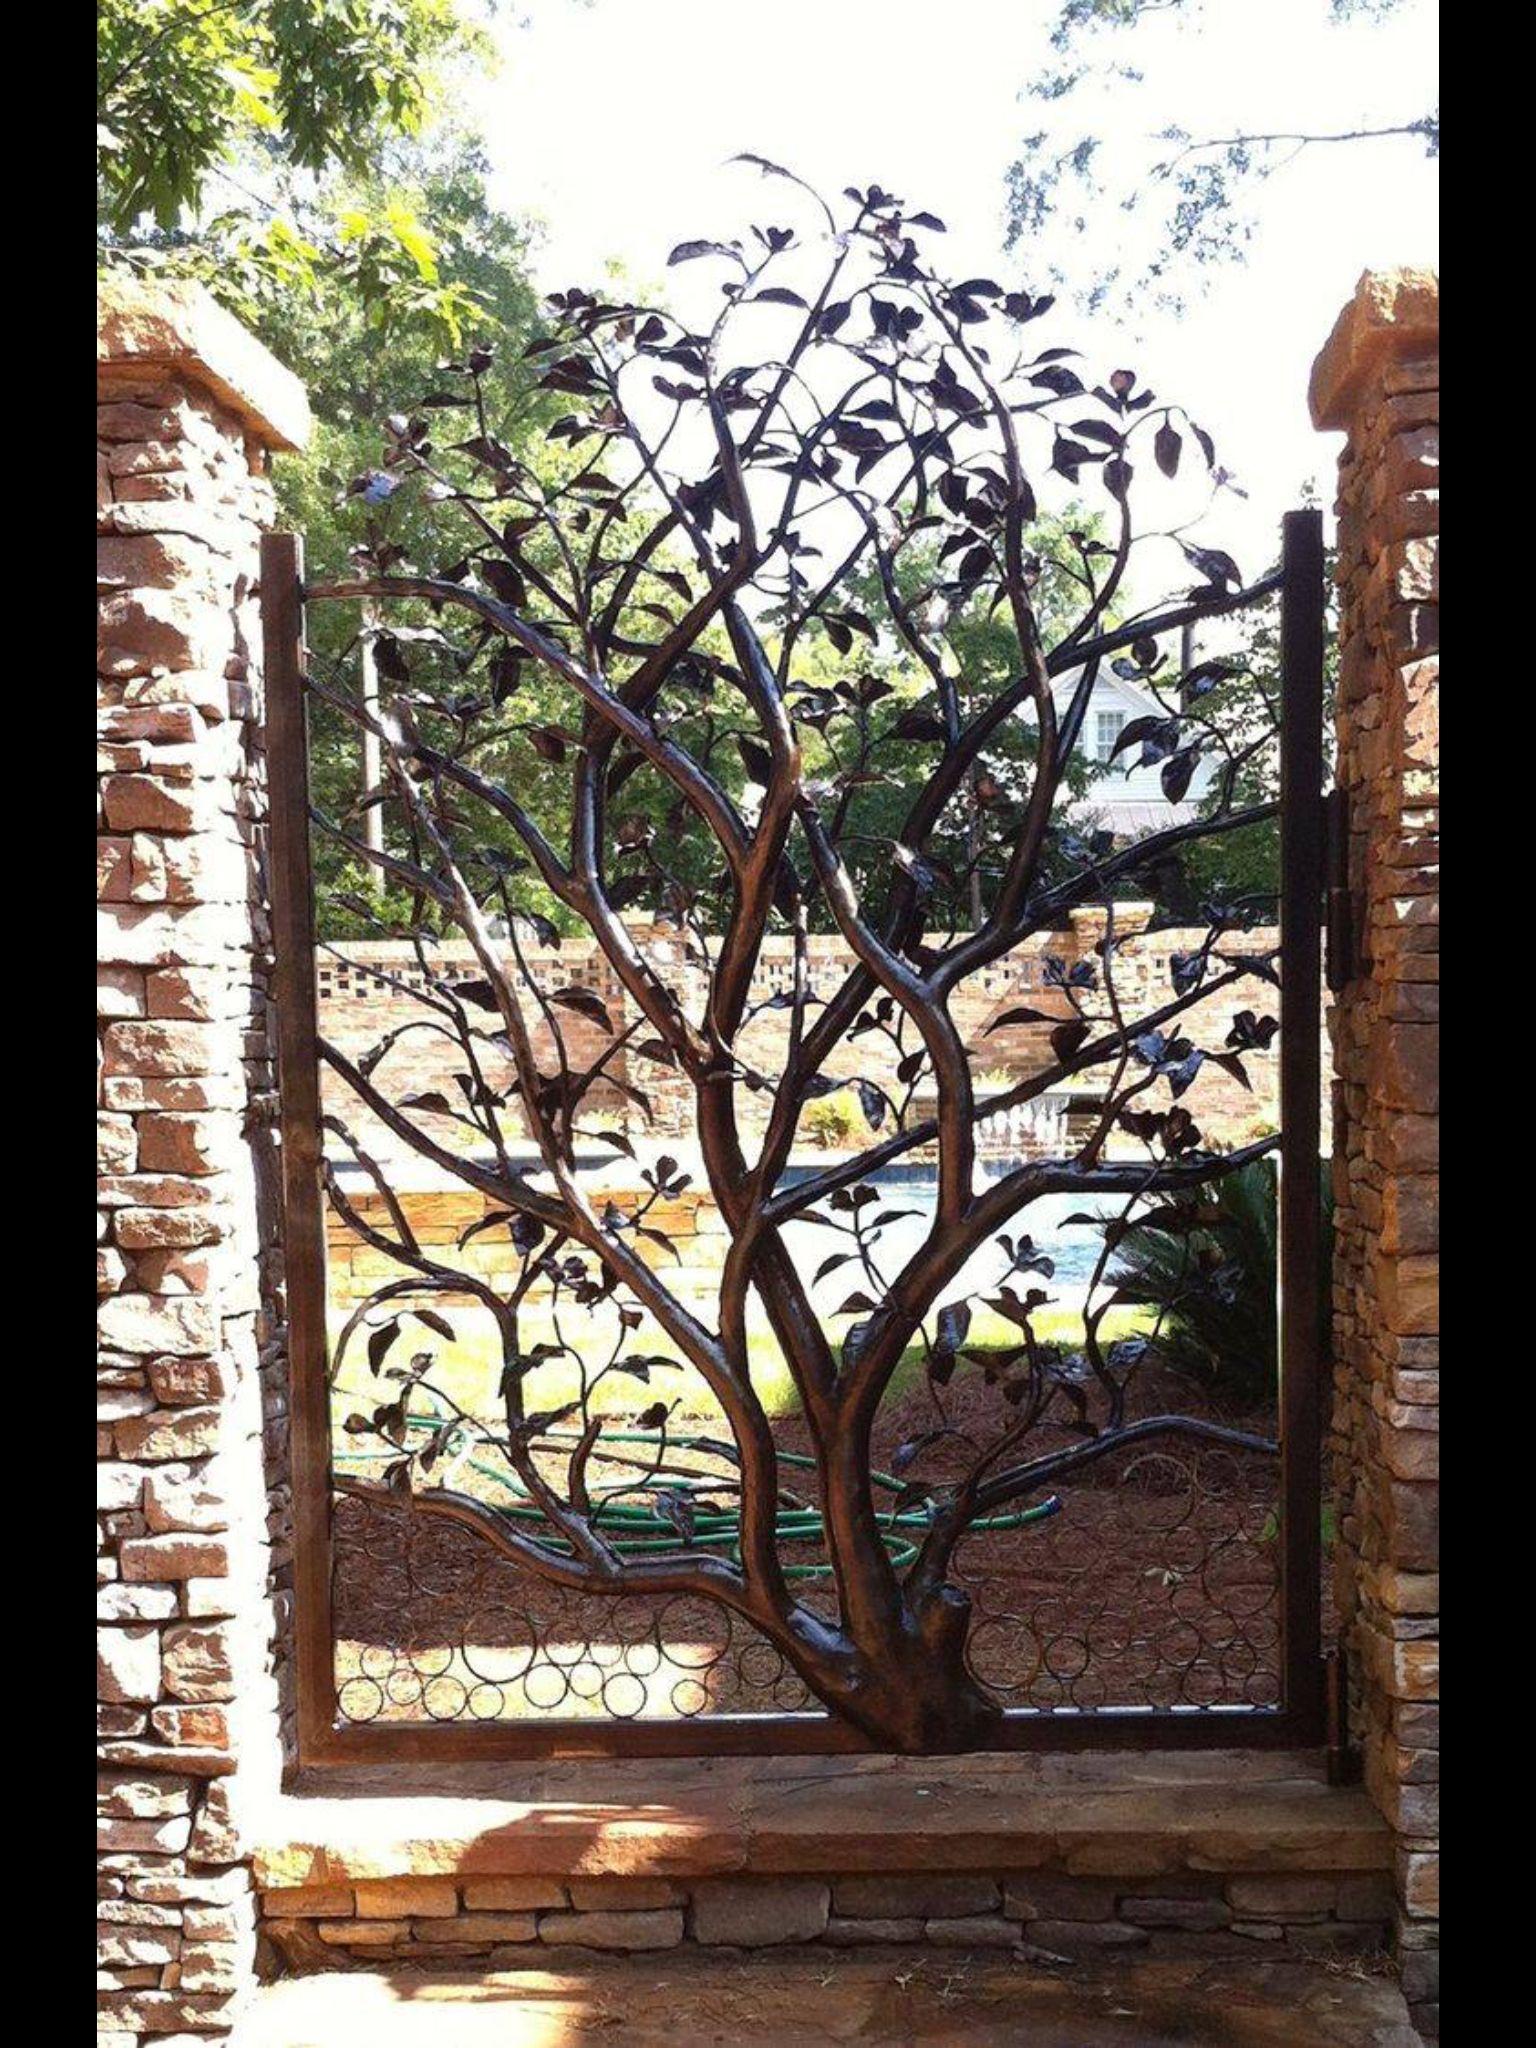 Puerta rbol en hierro decoraci n puertas de jard n for Puertas decoradas arbol de navidad